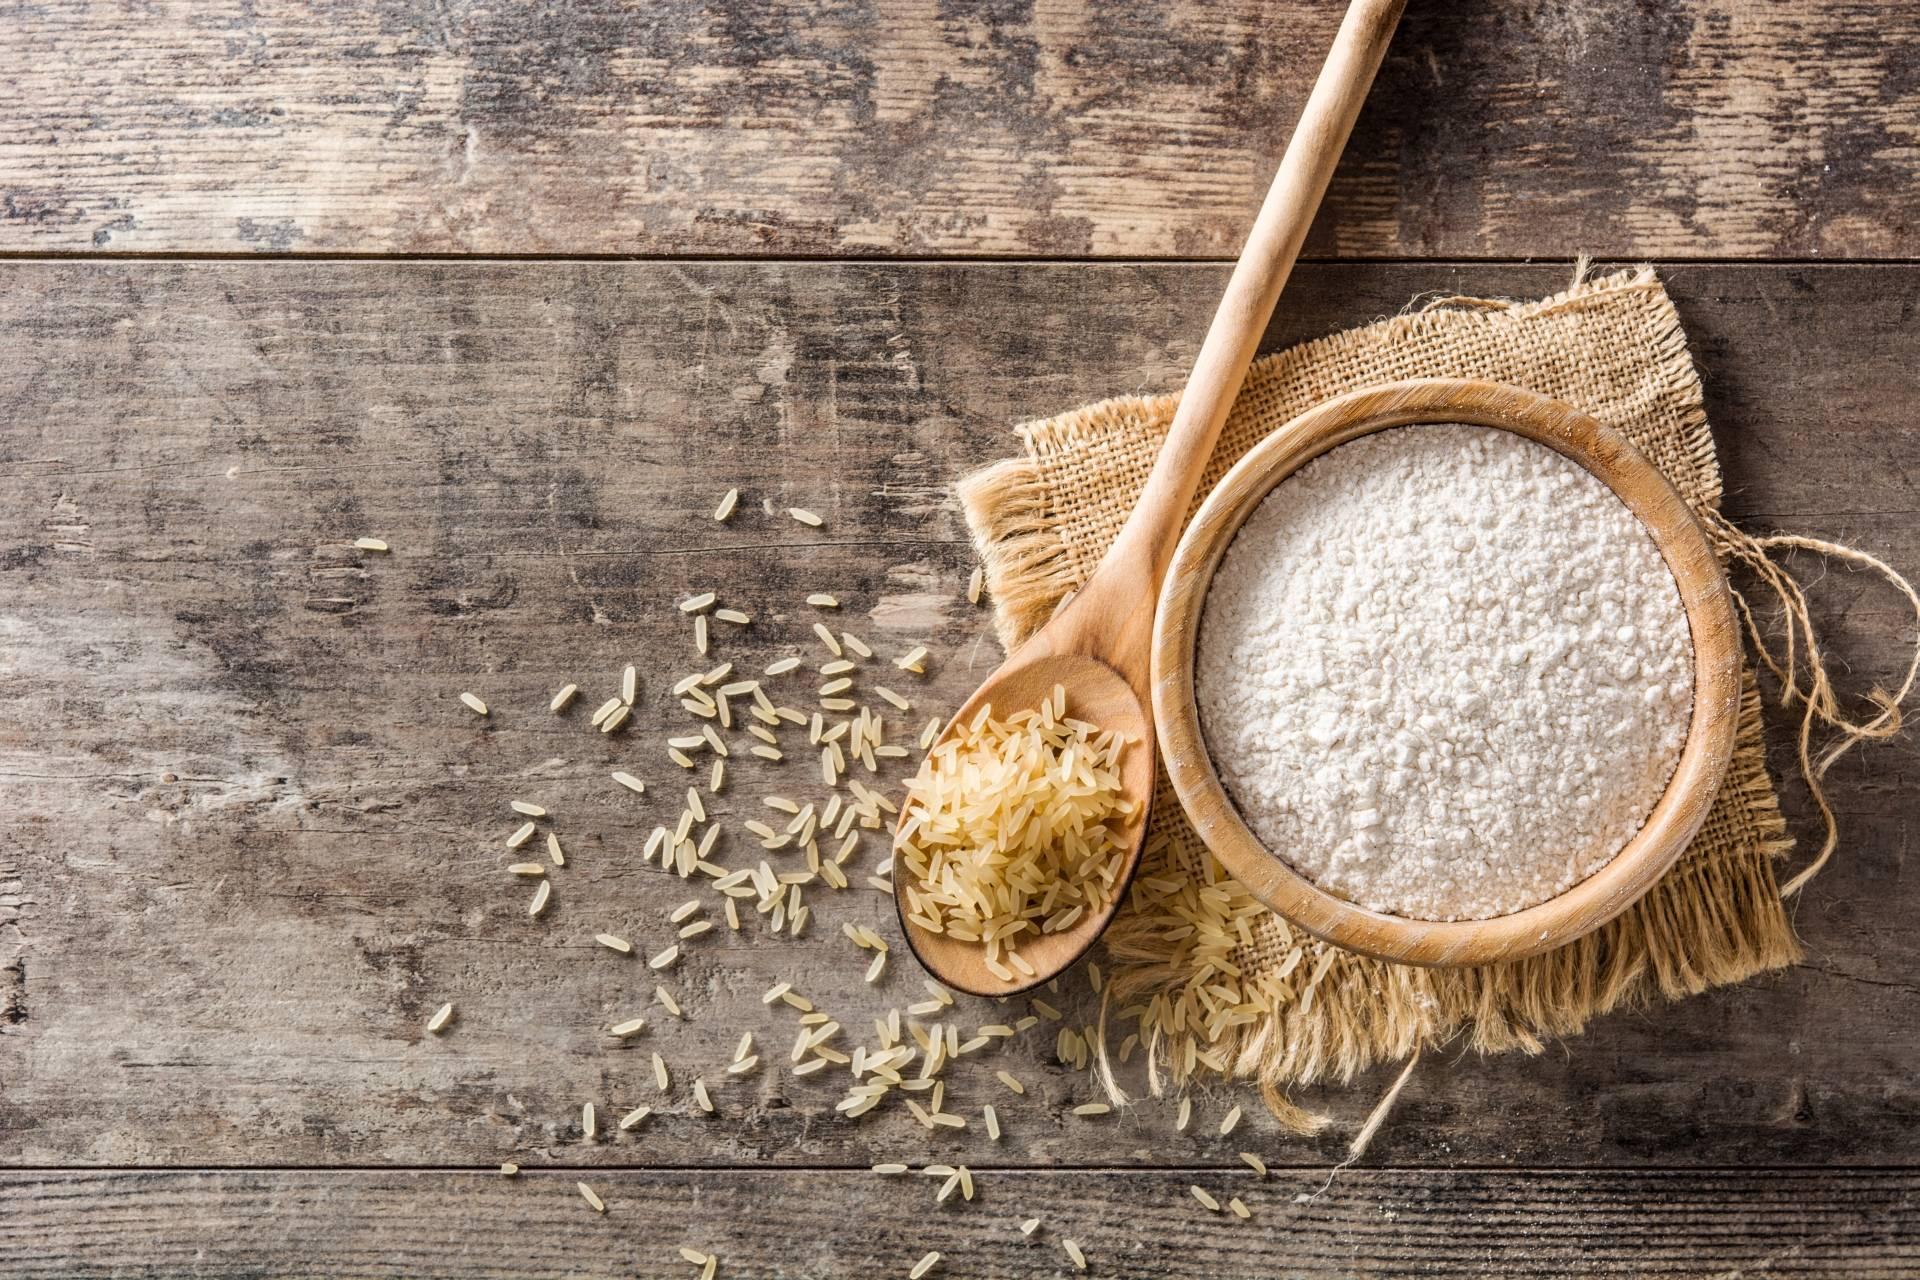 Mąka ryżowa w drewnianej miseczce na drewnianym blacie. Mąki bezglutenowe.